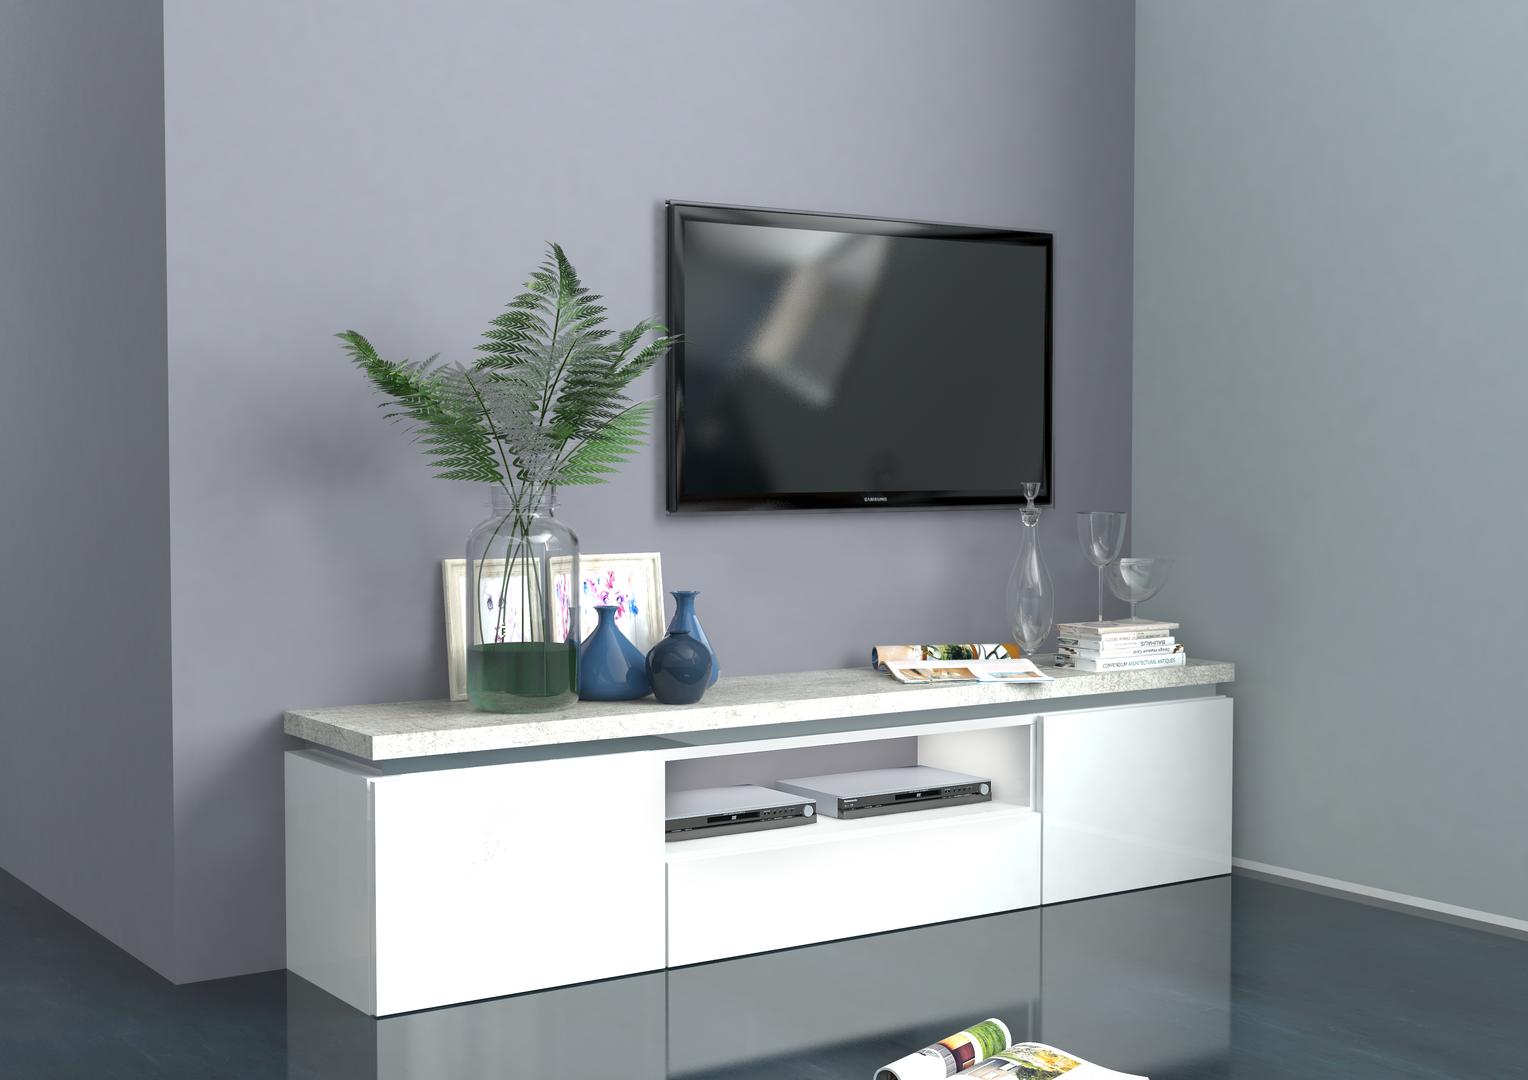 Mobile porta tv bianco messico per soggiorno moderno elegante for Mobile da soggiorno moderno